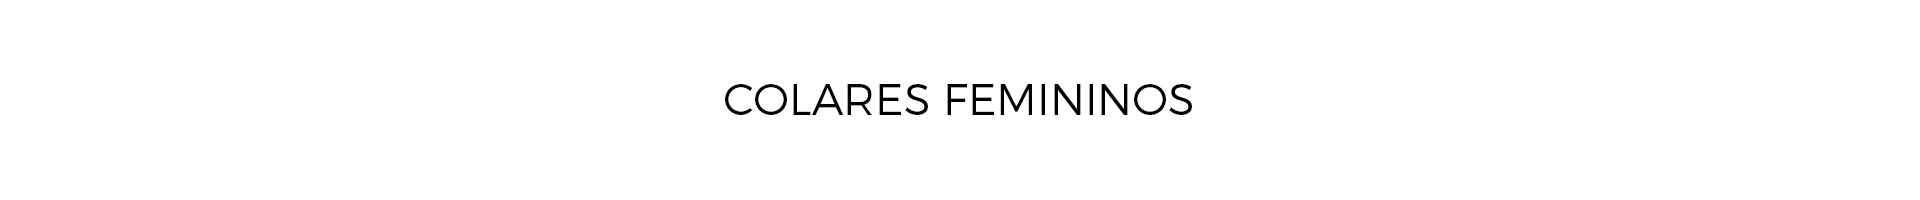 Colares Femininos